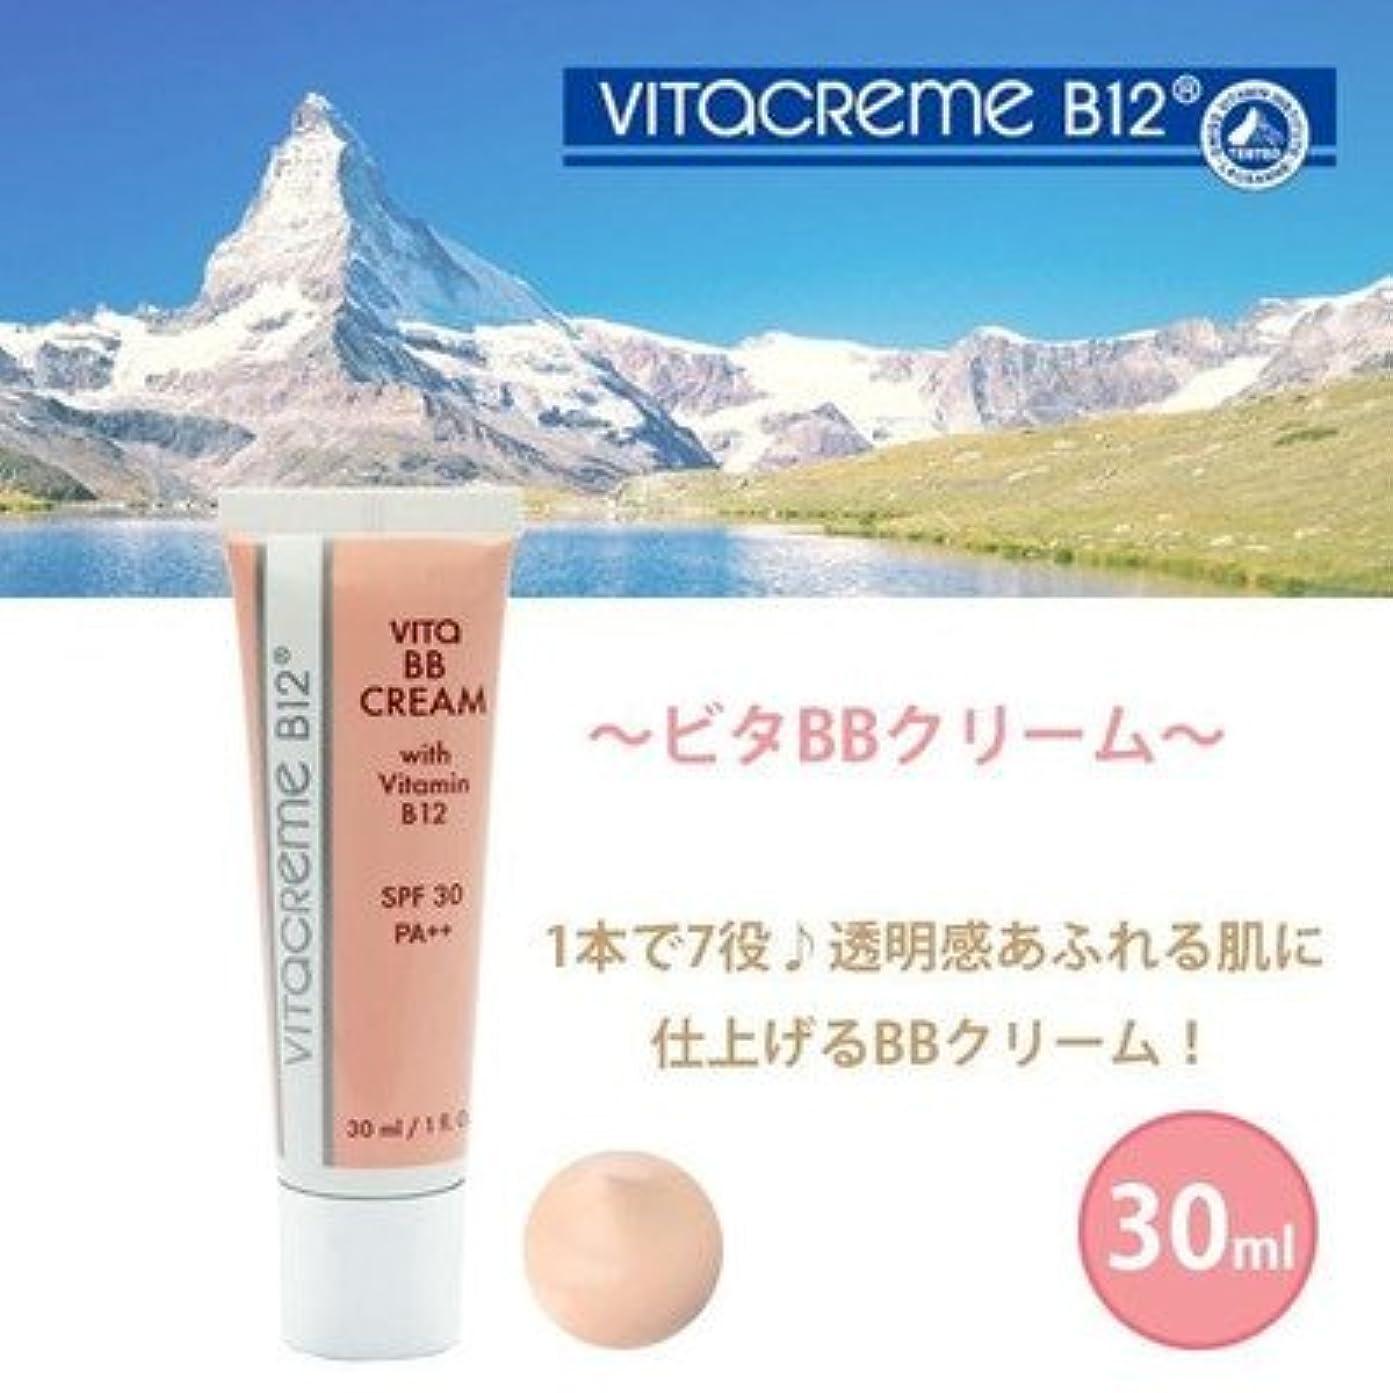 独占アルプスクリープ透明感のある艶やかなお肌に ビタBBクリーム 30ml 正規品 VTB238